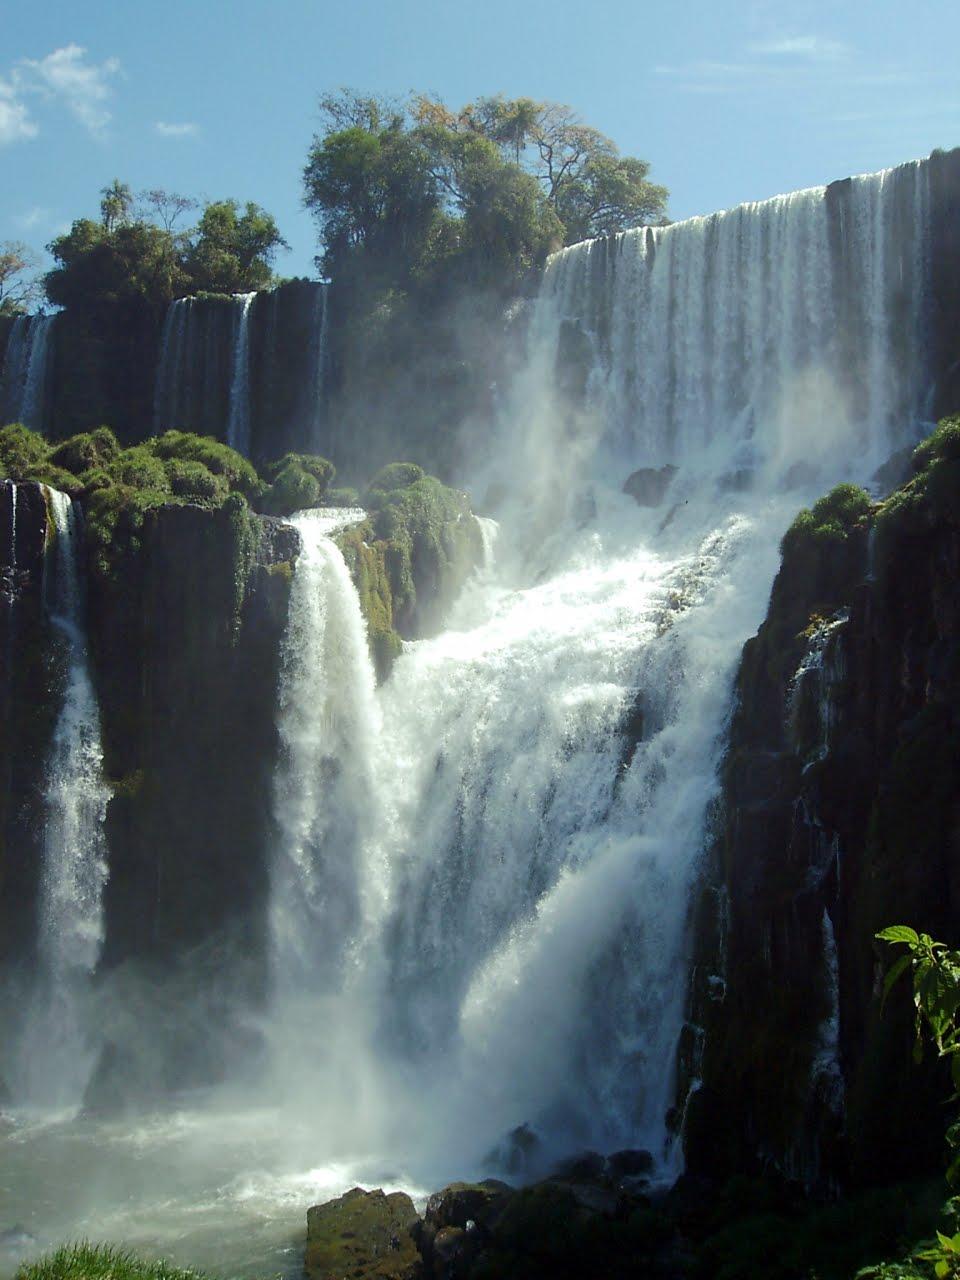 Iguazu Falls Photos Of Iguazu Falls